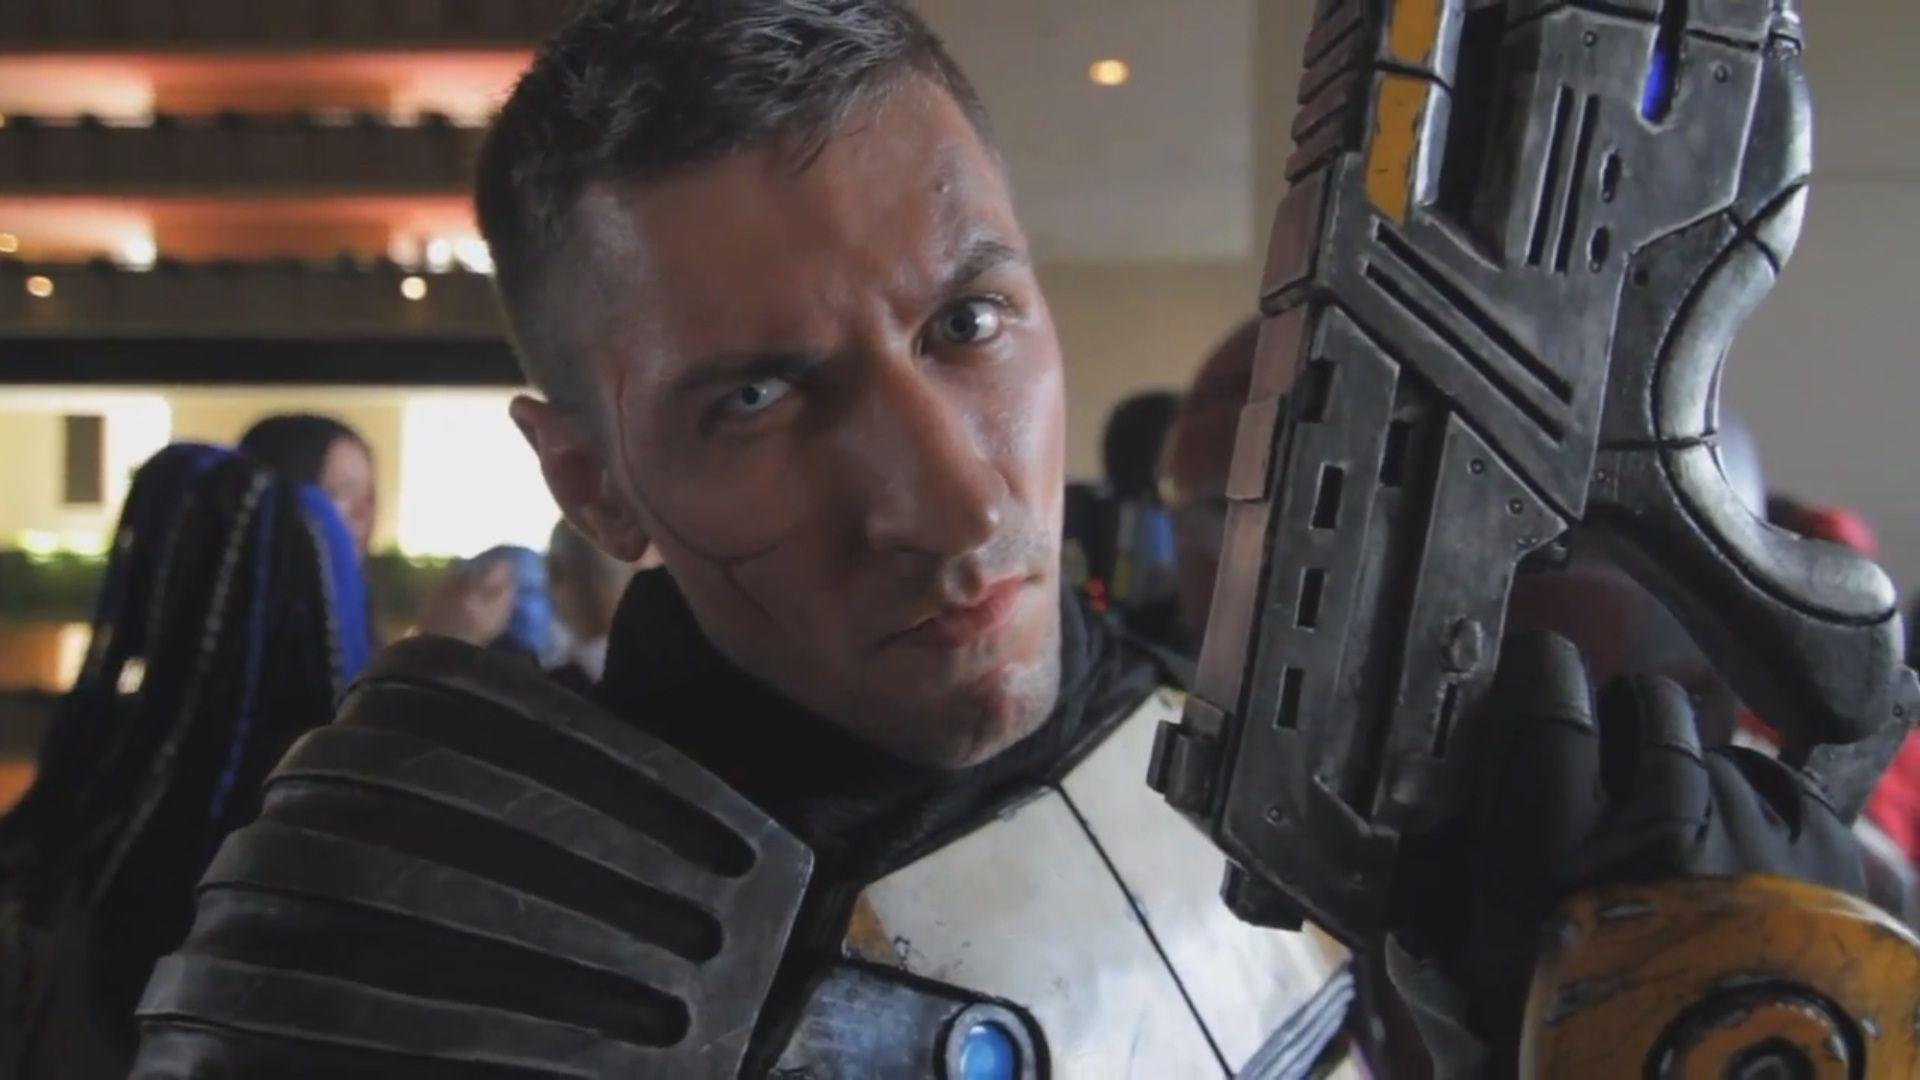 Zaeed Mass Effect Cosplay